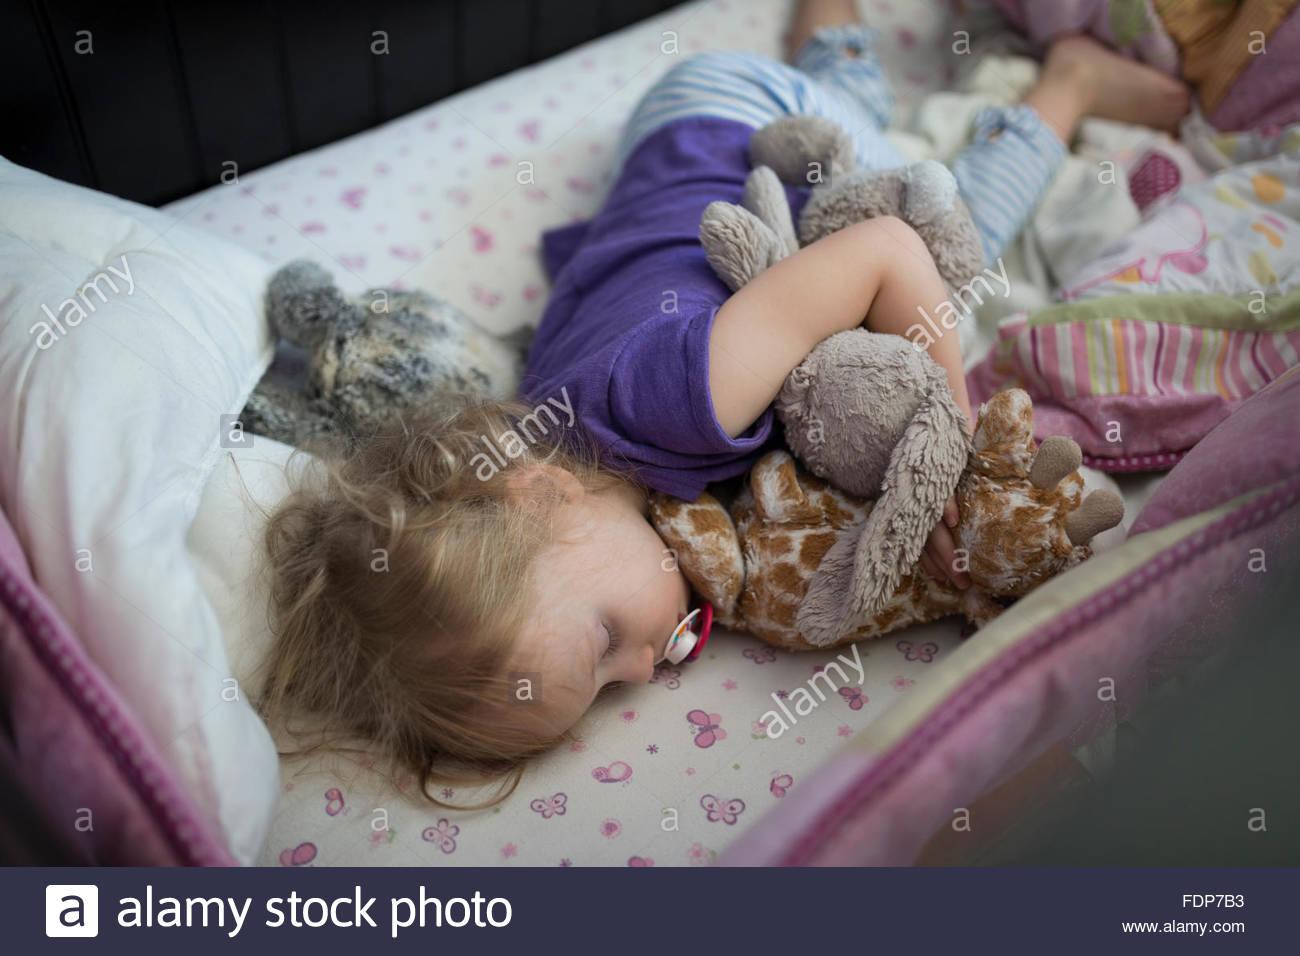 Mädchen schläft mit Schnuller und ausgestopfte Tiere Stockbild